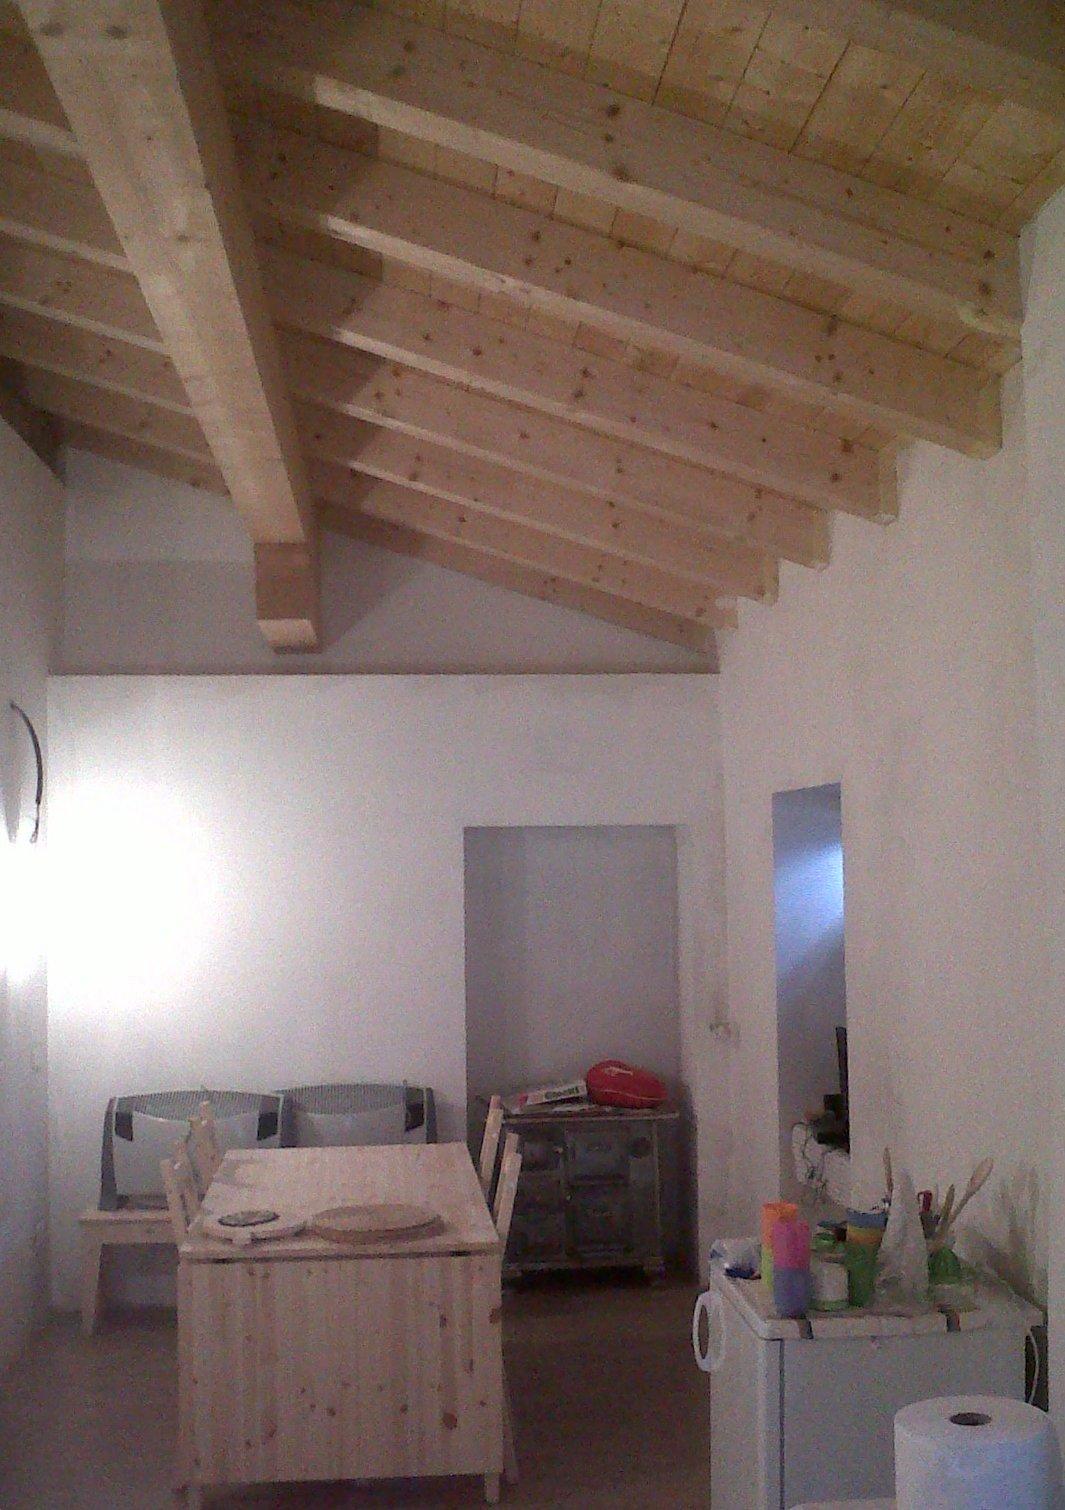 Appartamento in vendita a Falcade, 6 locali, zona Località: FalcadeAlto, prezzo € 149.000 | Cambio Casa.it